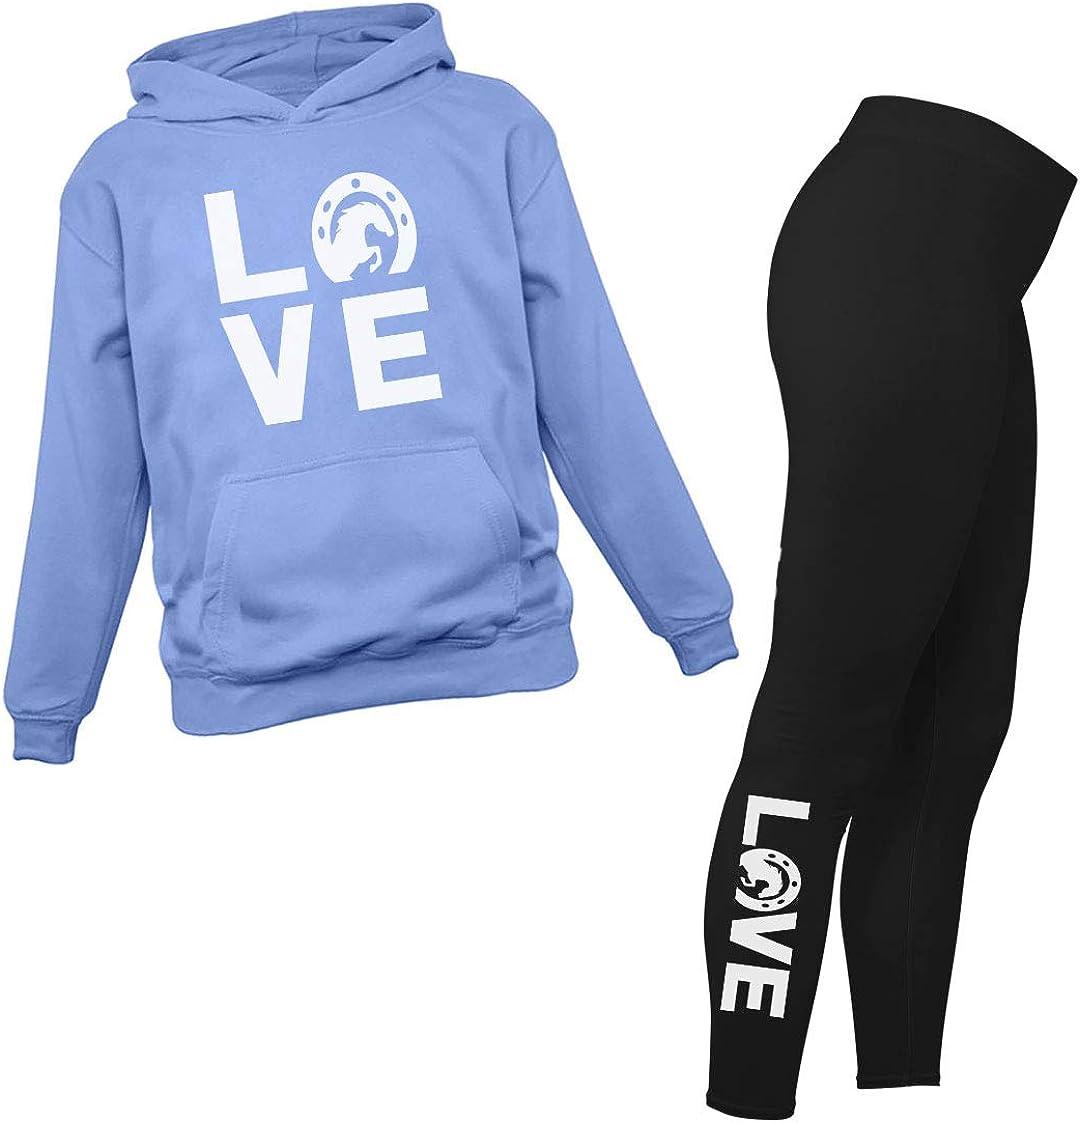 Love Horses Leggings and Hoodie for Women Teen Girls Set Gift for Horse Lover